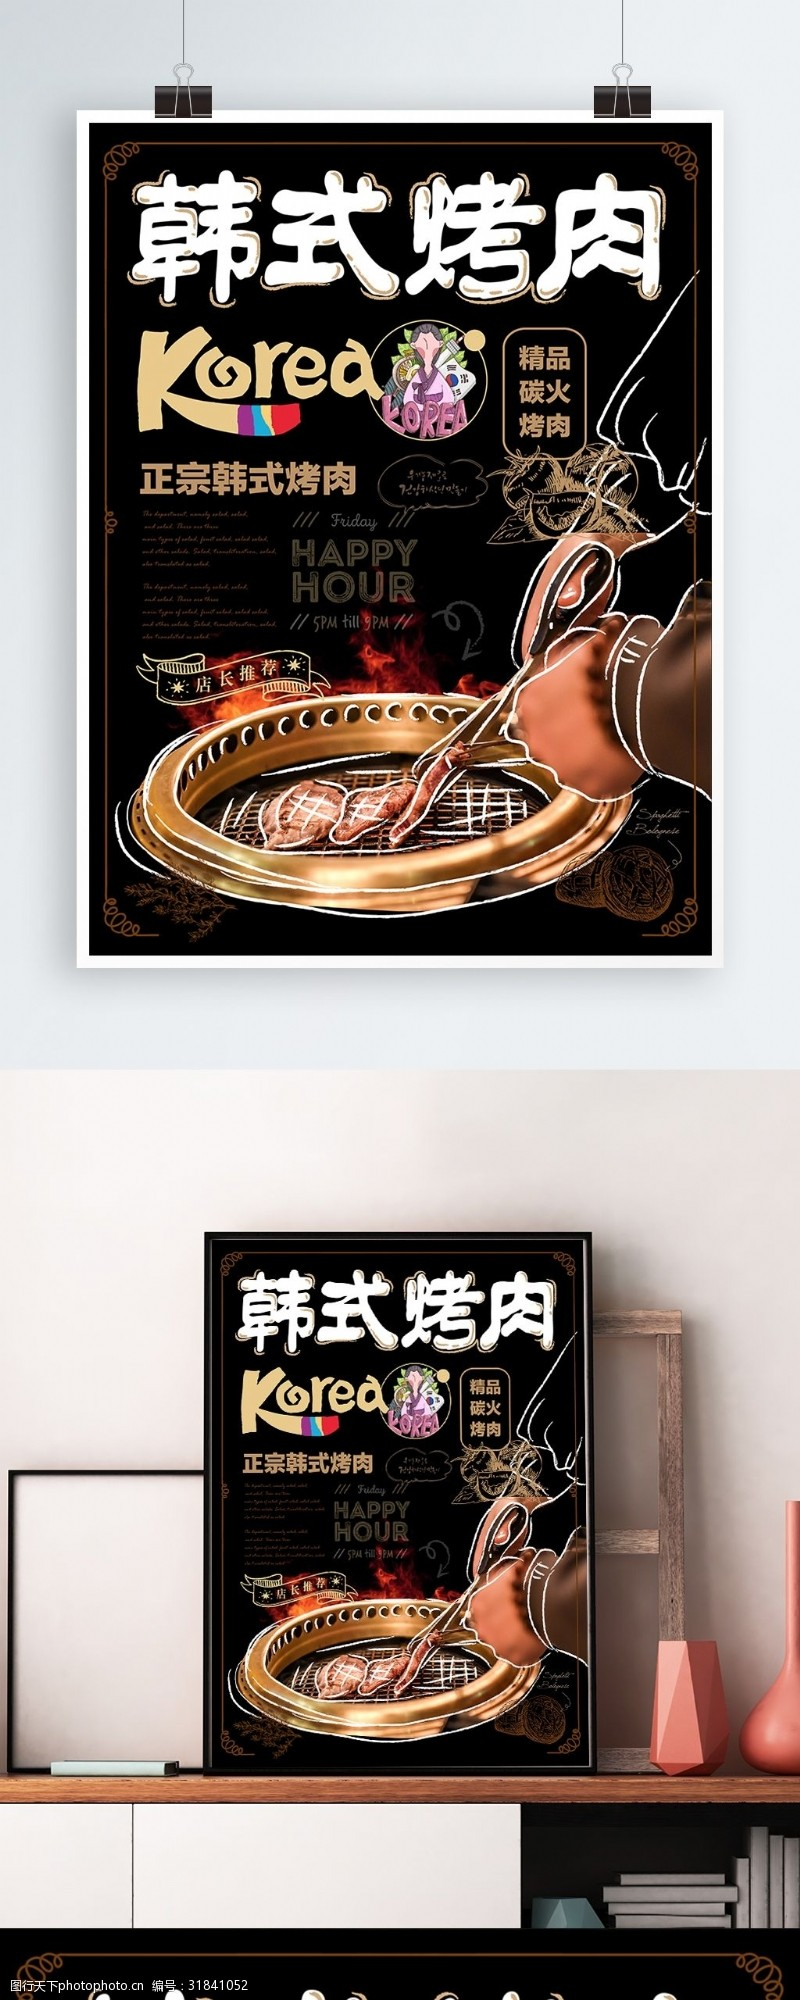 碳火烤肉简约创意手绘描边韩式烤肉美食海报